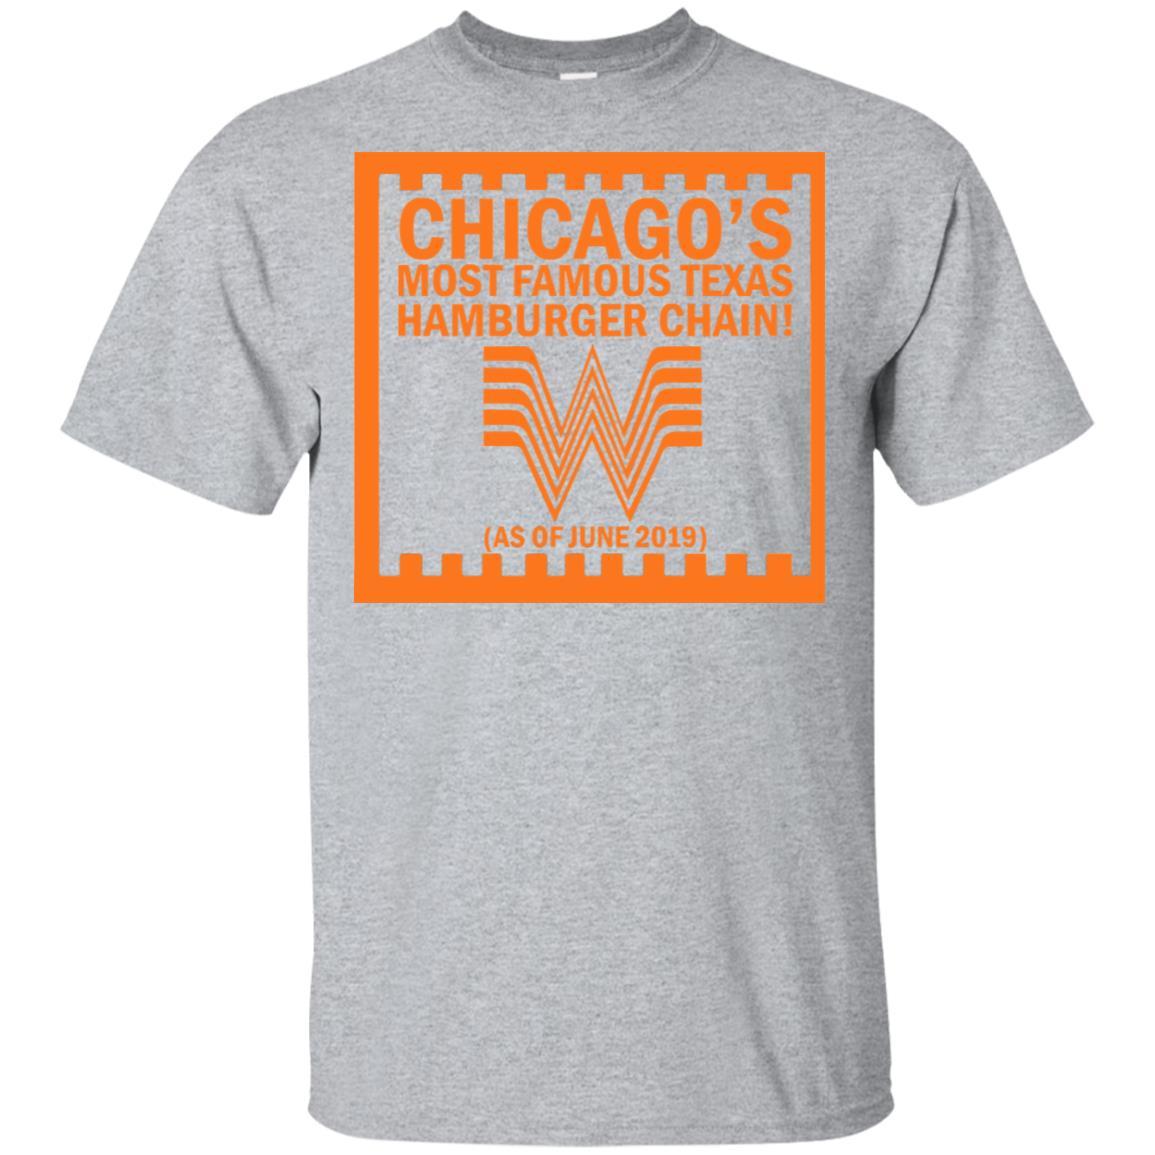 Chicago Whataburger Tshirt